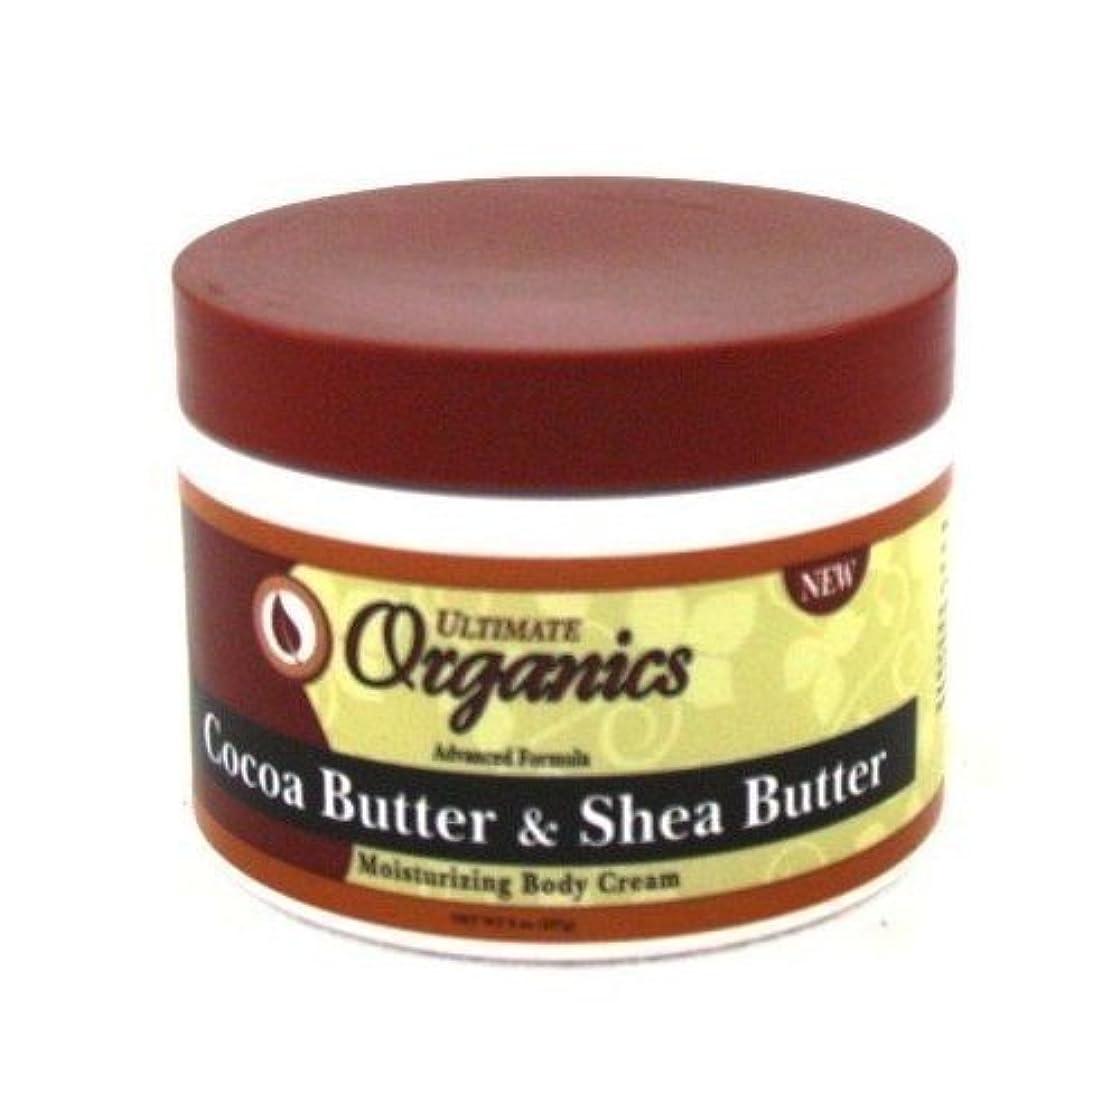 塩矢じり原油Ultimate Organics Cocoa Butter & Shea Butter Body Cream 235 ml (並行輸入品)